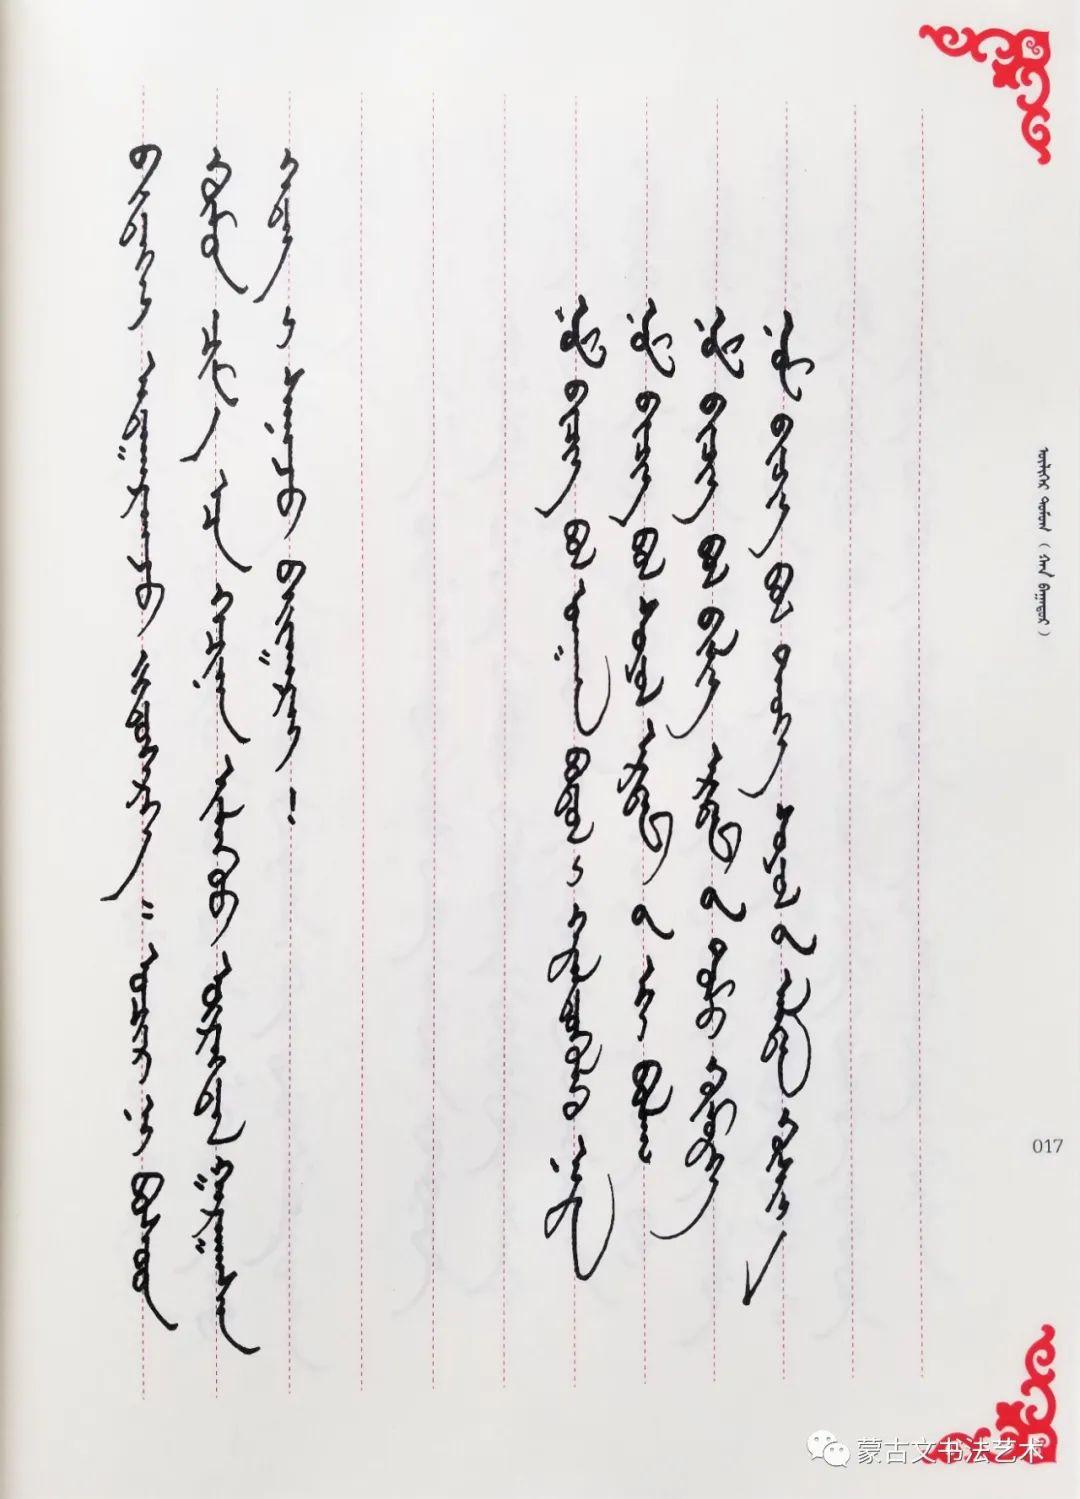 奈曼旗蒙古族实验小学十人《蒙古文钢笔规范字》 第13张 奈曼旗蒙古族实验小学十人《蒙古文钢笔规范字》 蒙古书法